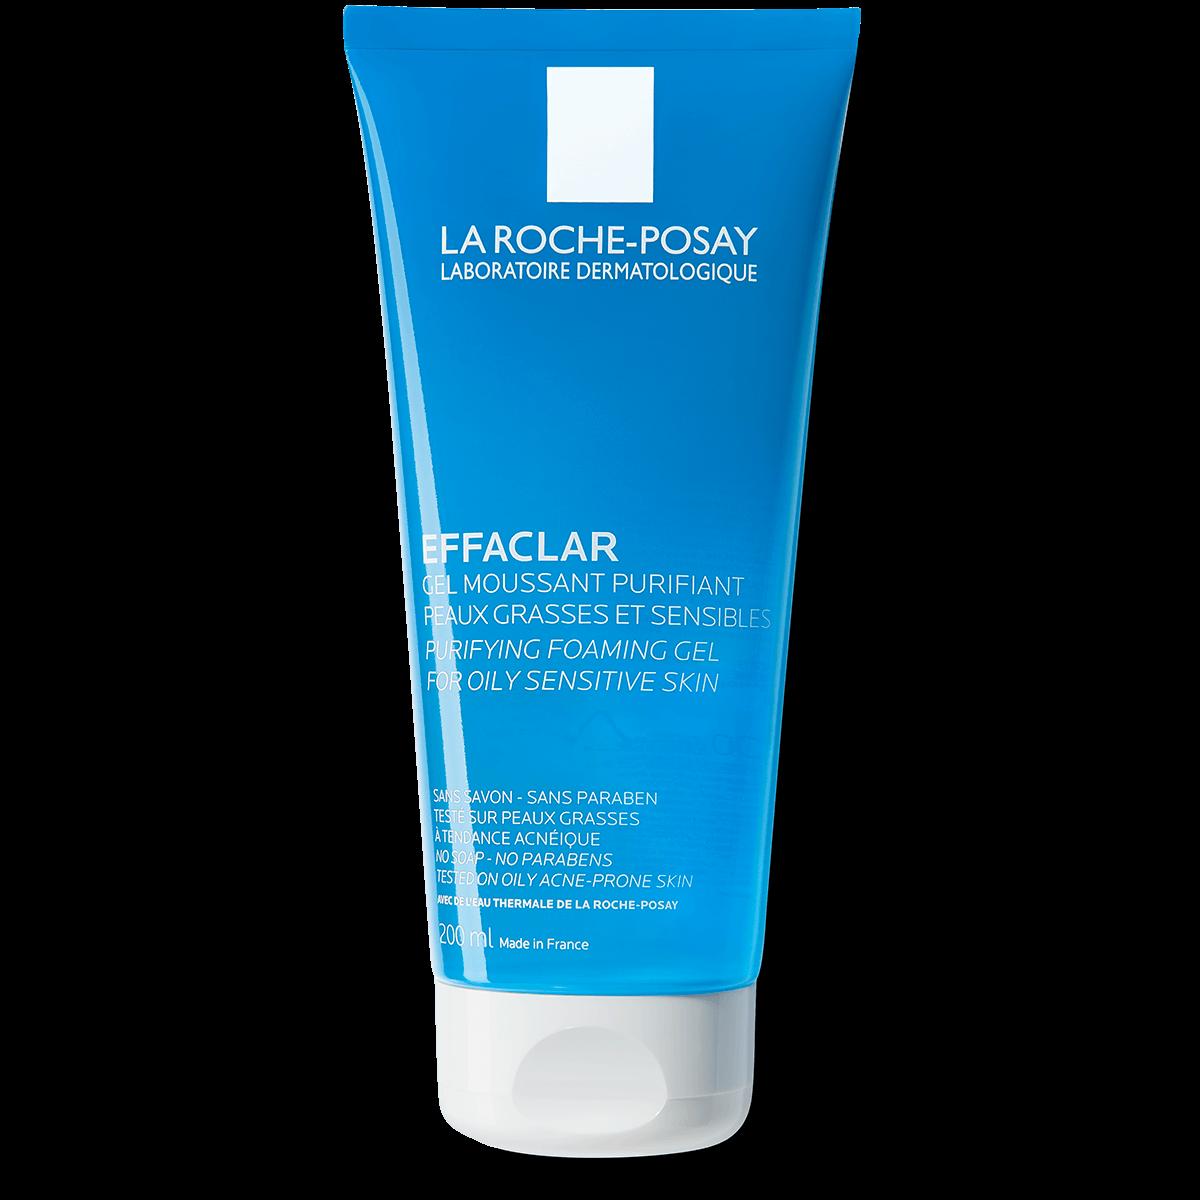 La Roche Posay Ansiktsrengöring Effaclar Cleansing Foaming Gel 200ml 3337